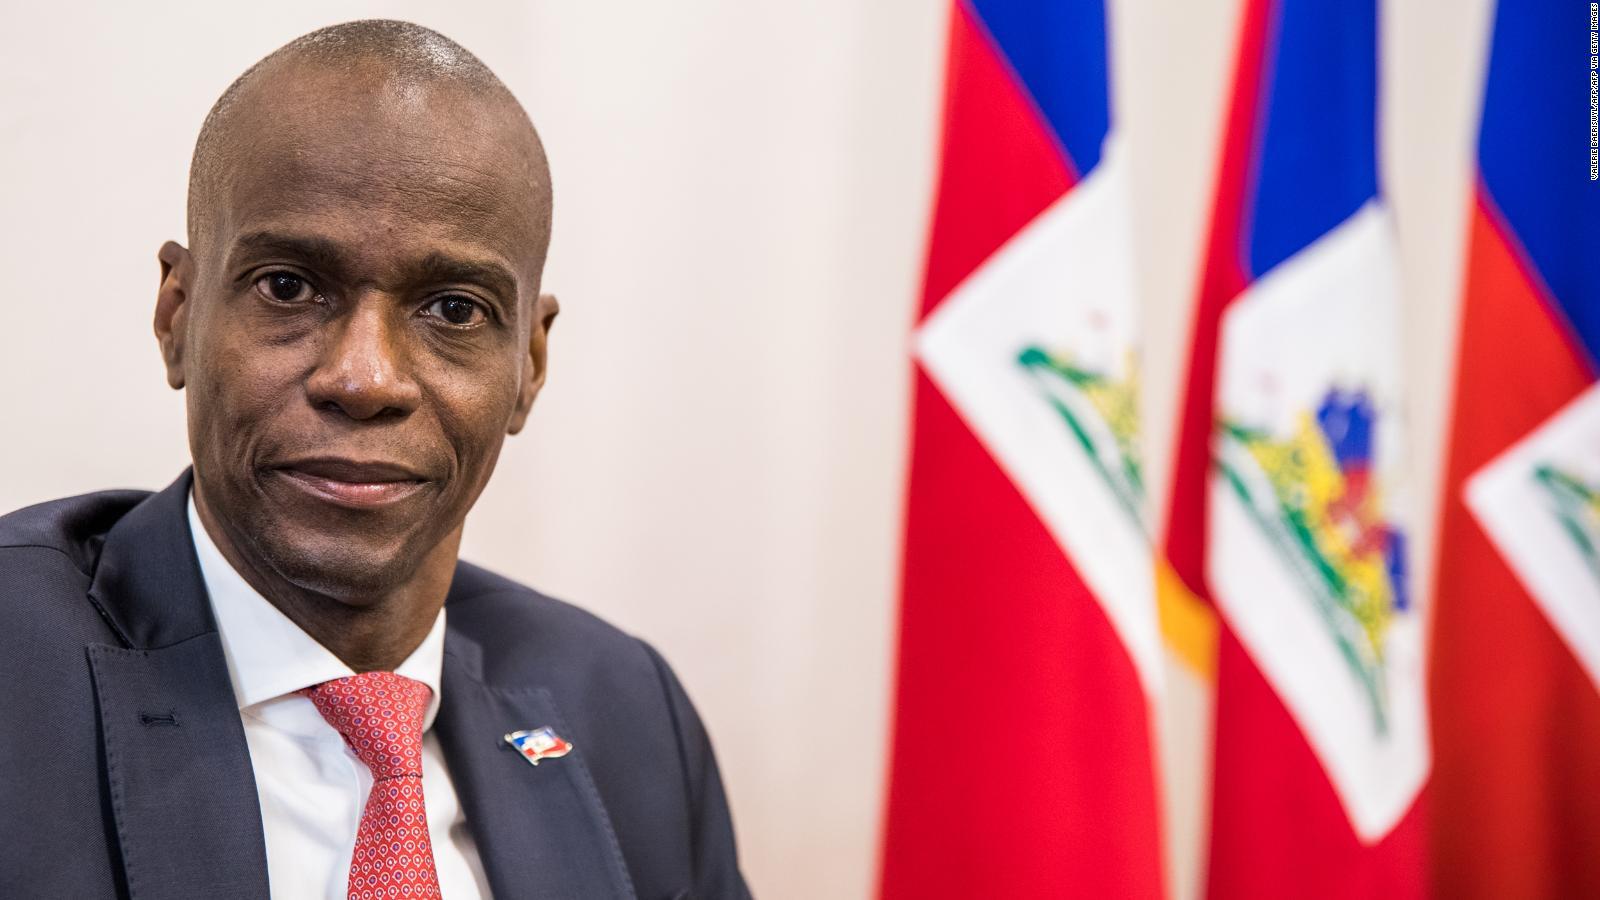 Quién era Jovenel Moïse, el asesinado presidente de Haití?